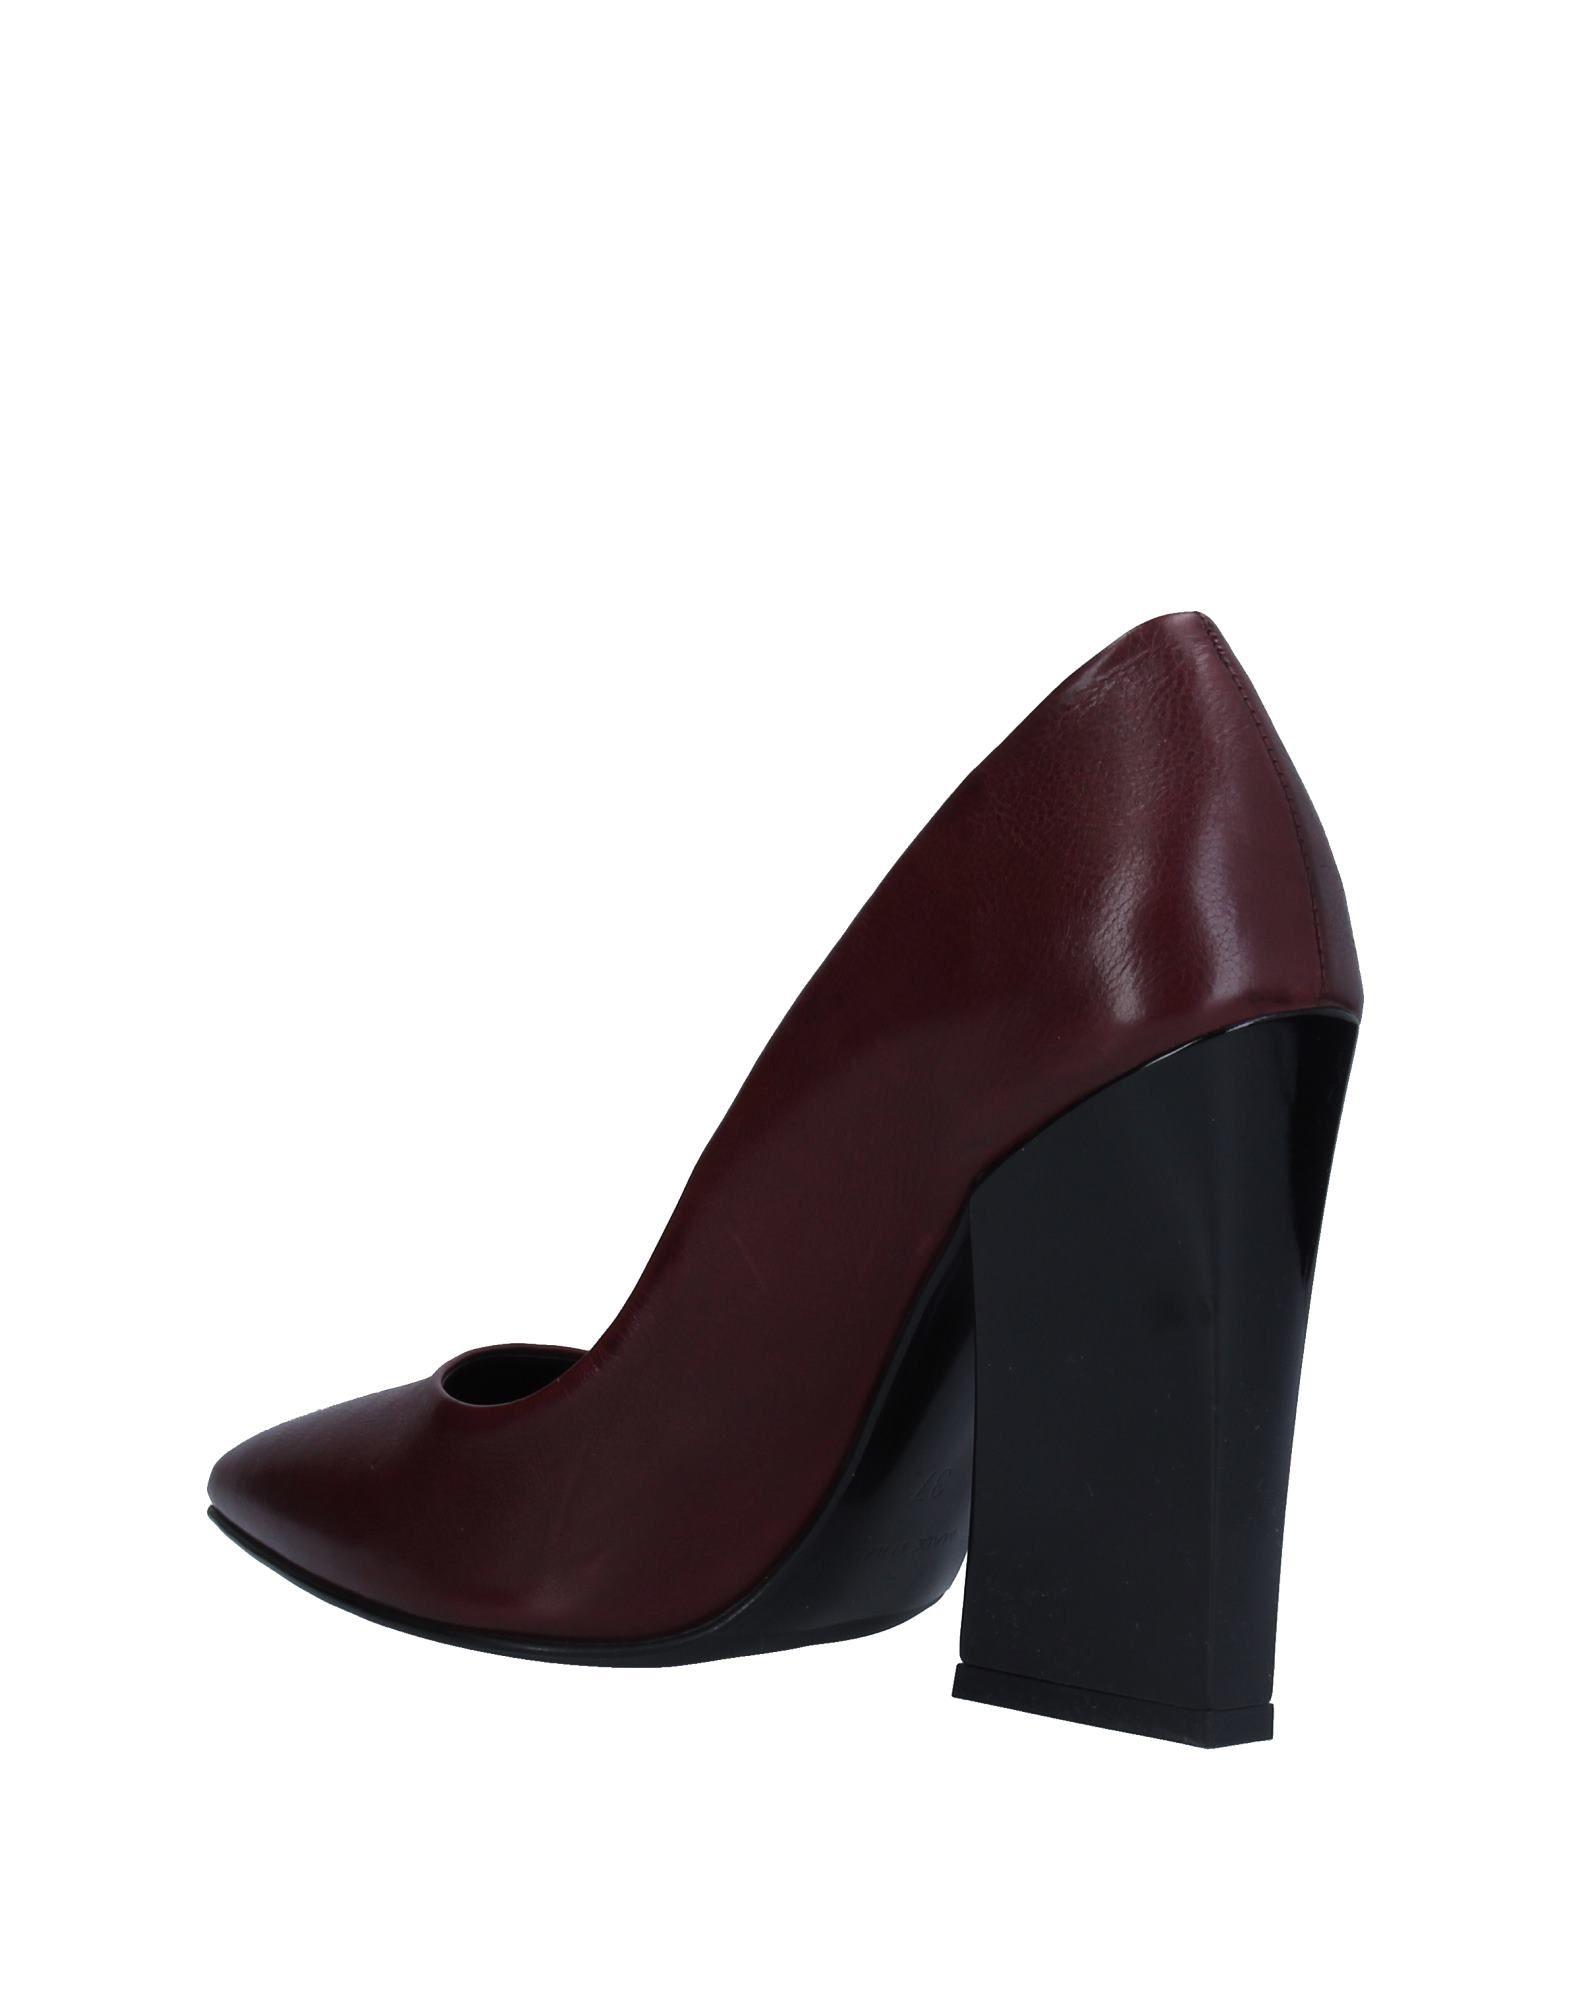 Gut um Marra billige Schuhe zu tragenGianni Marra um Pumps Damen  11330629IL bf53ee